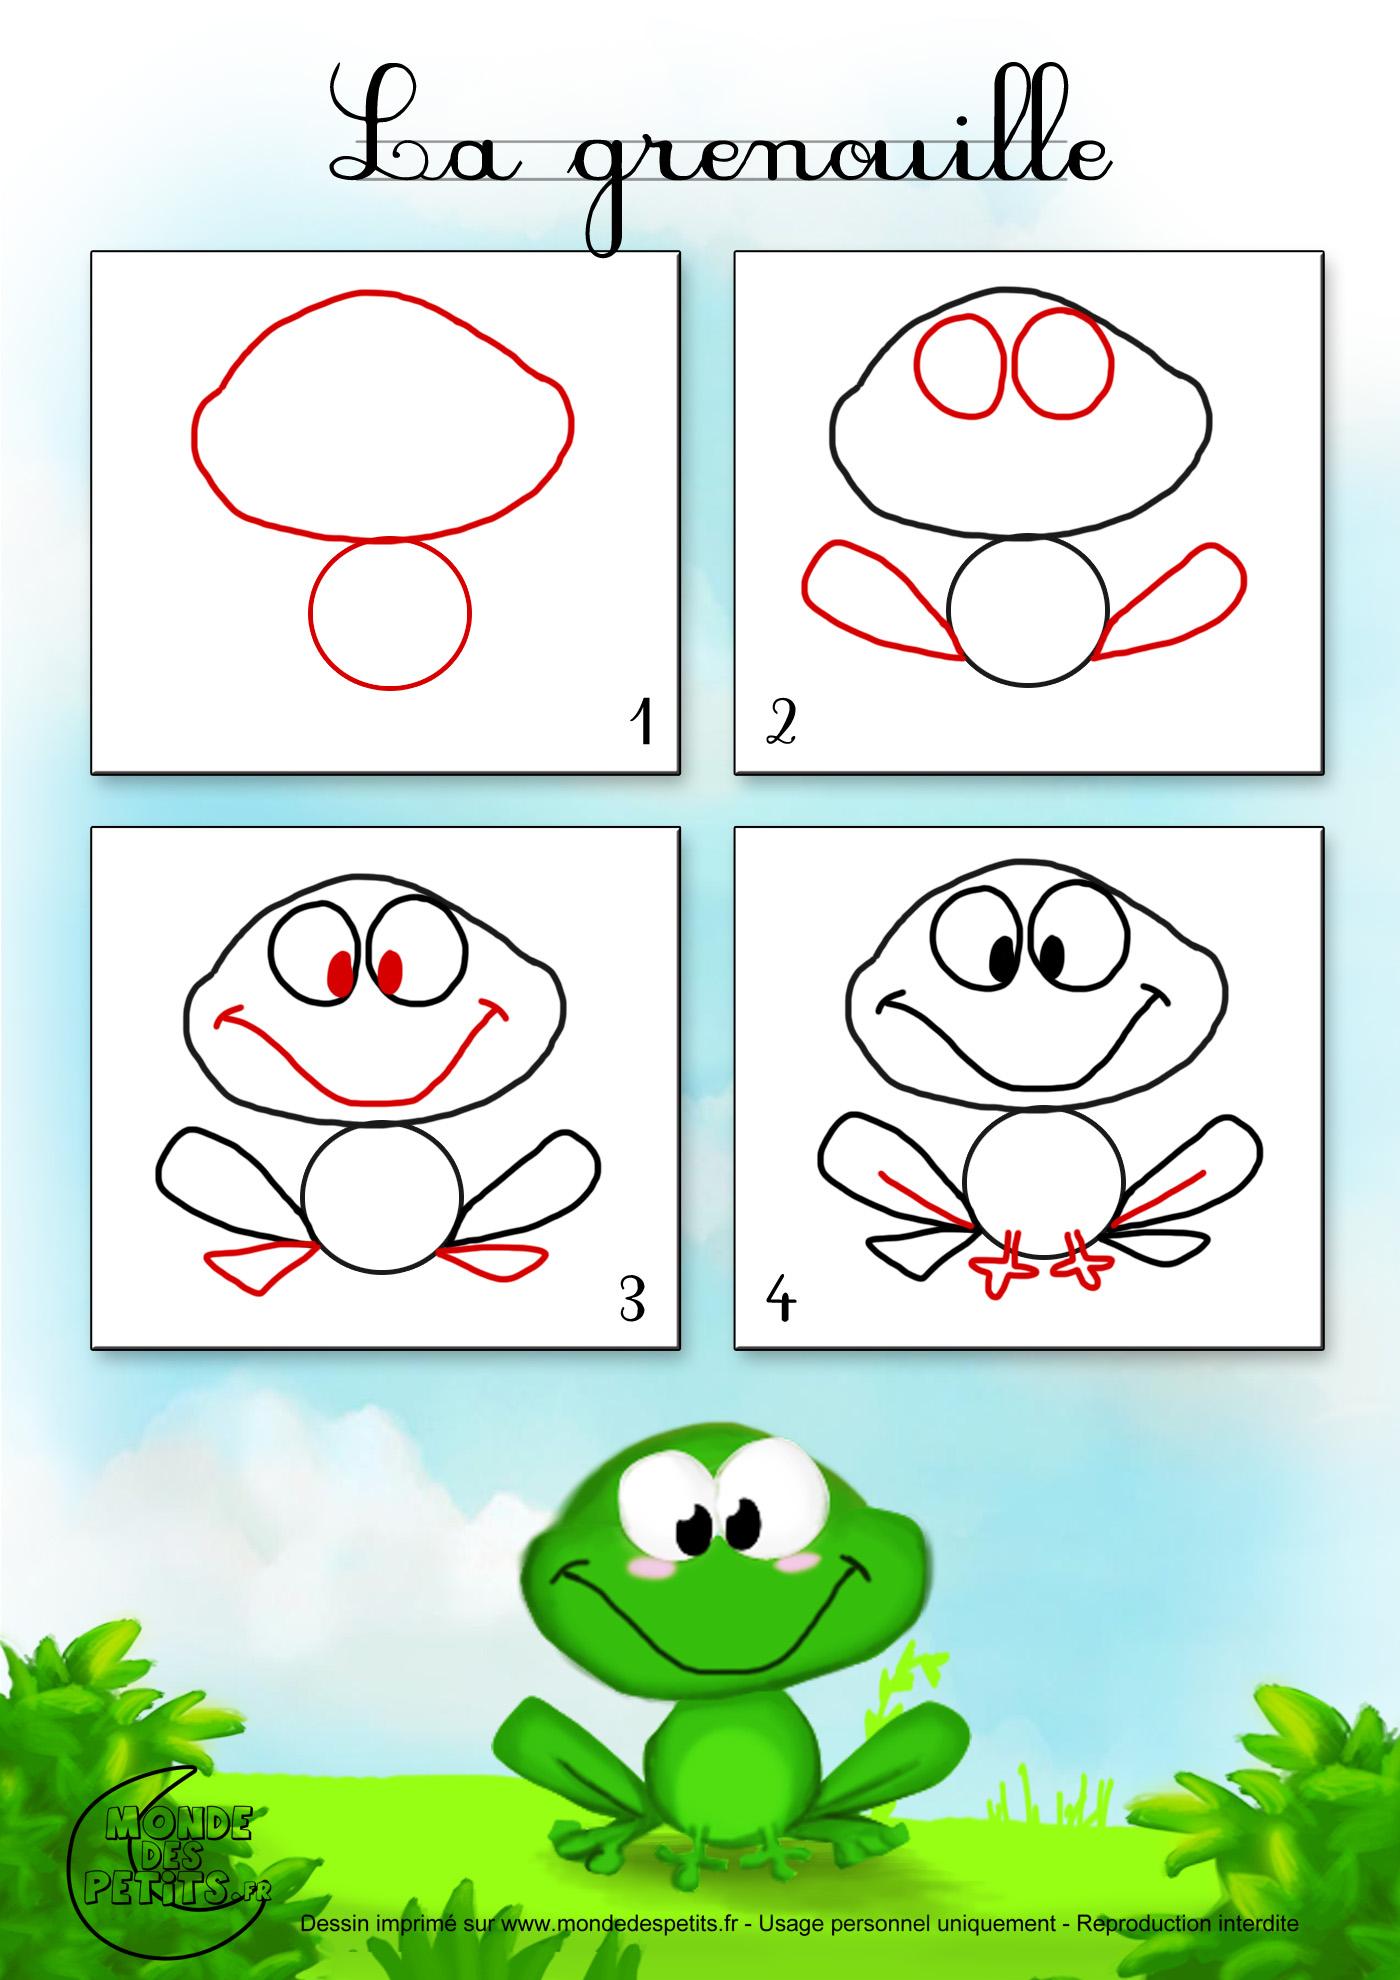 Monde des petits tutoriel vid o - Dessiner une grenouille ...